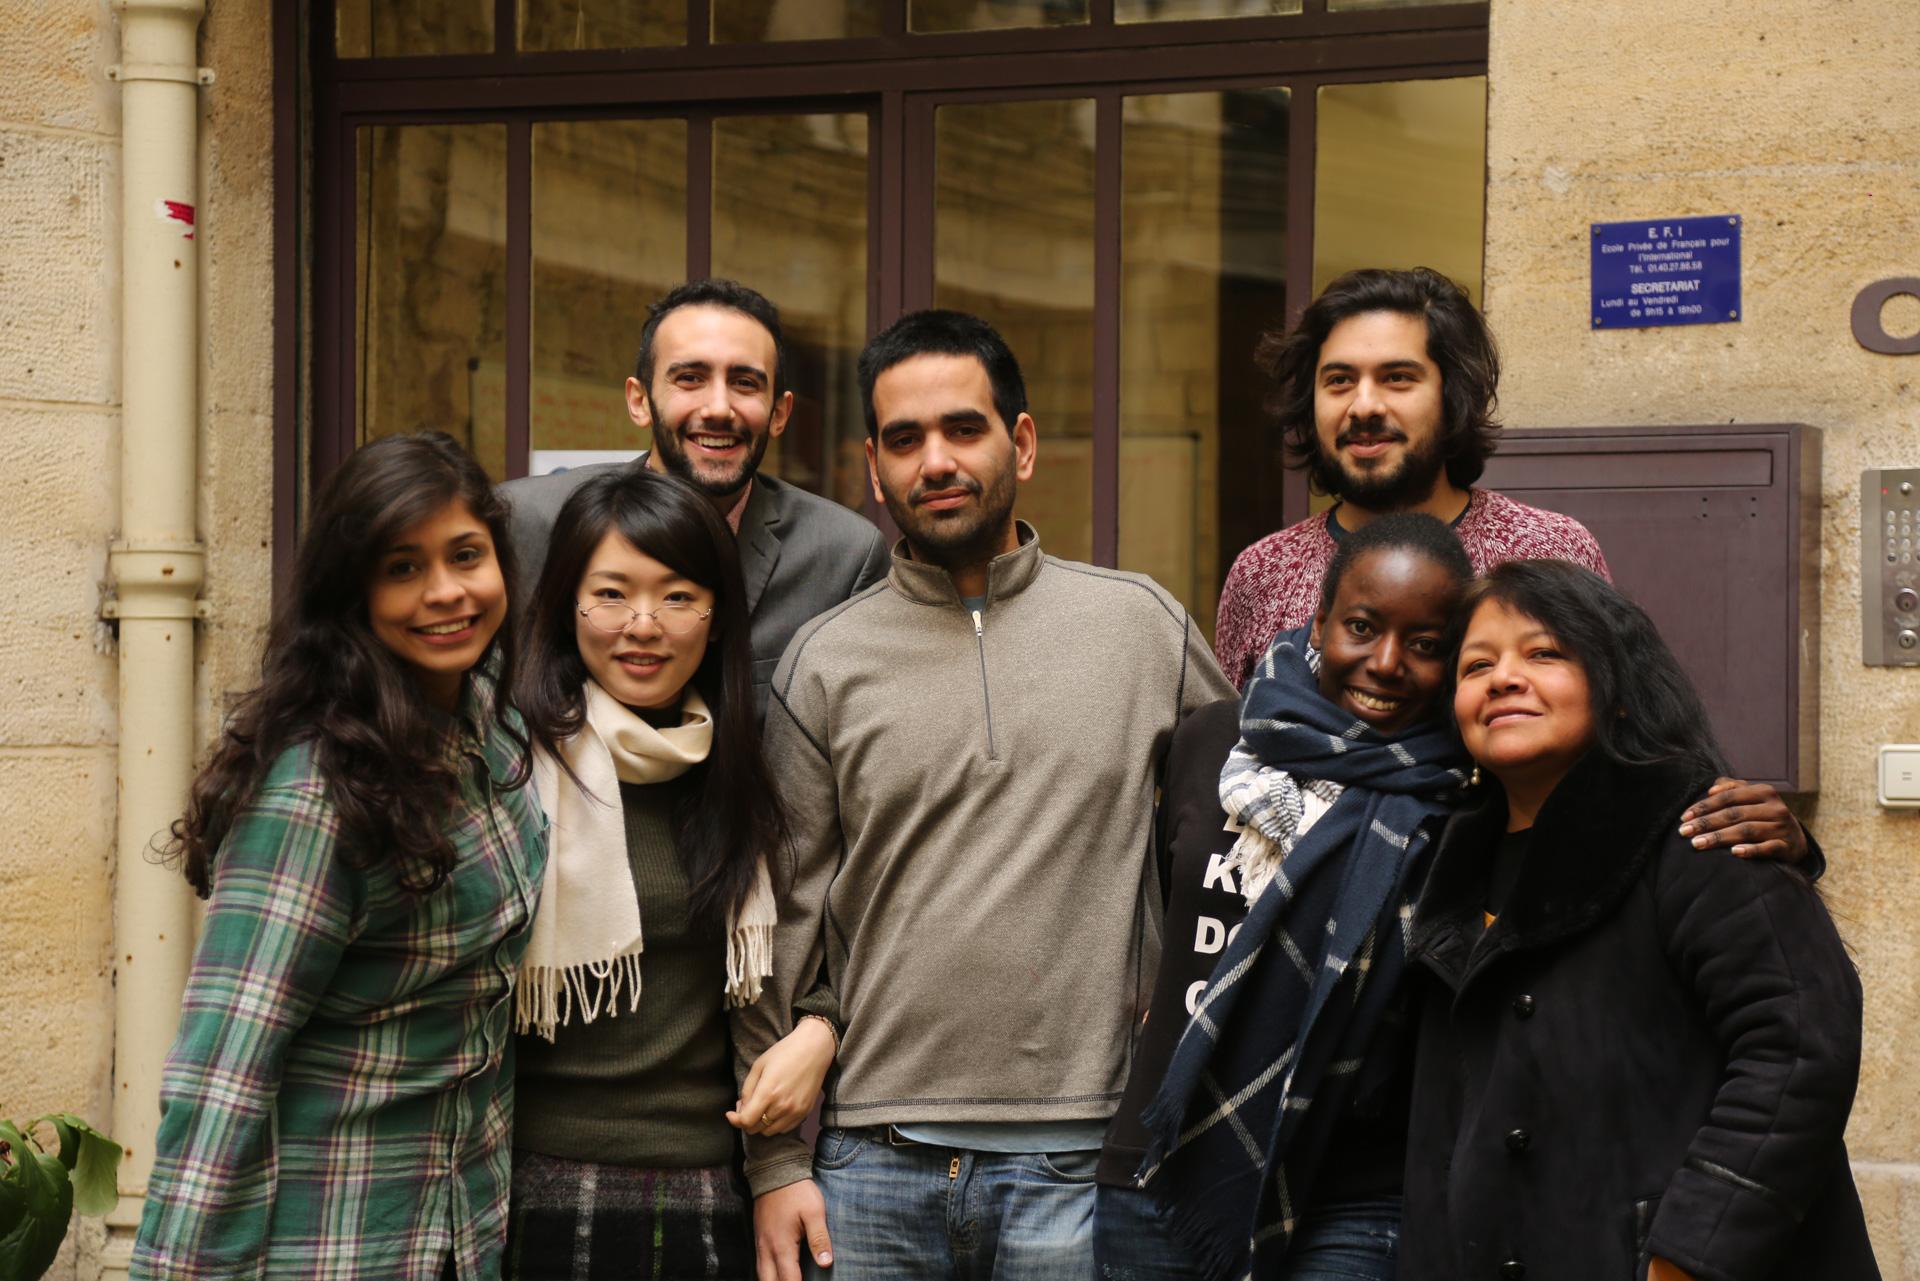 groupe d'étudiant devant l'EFI